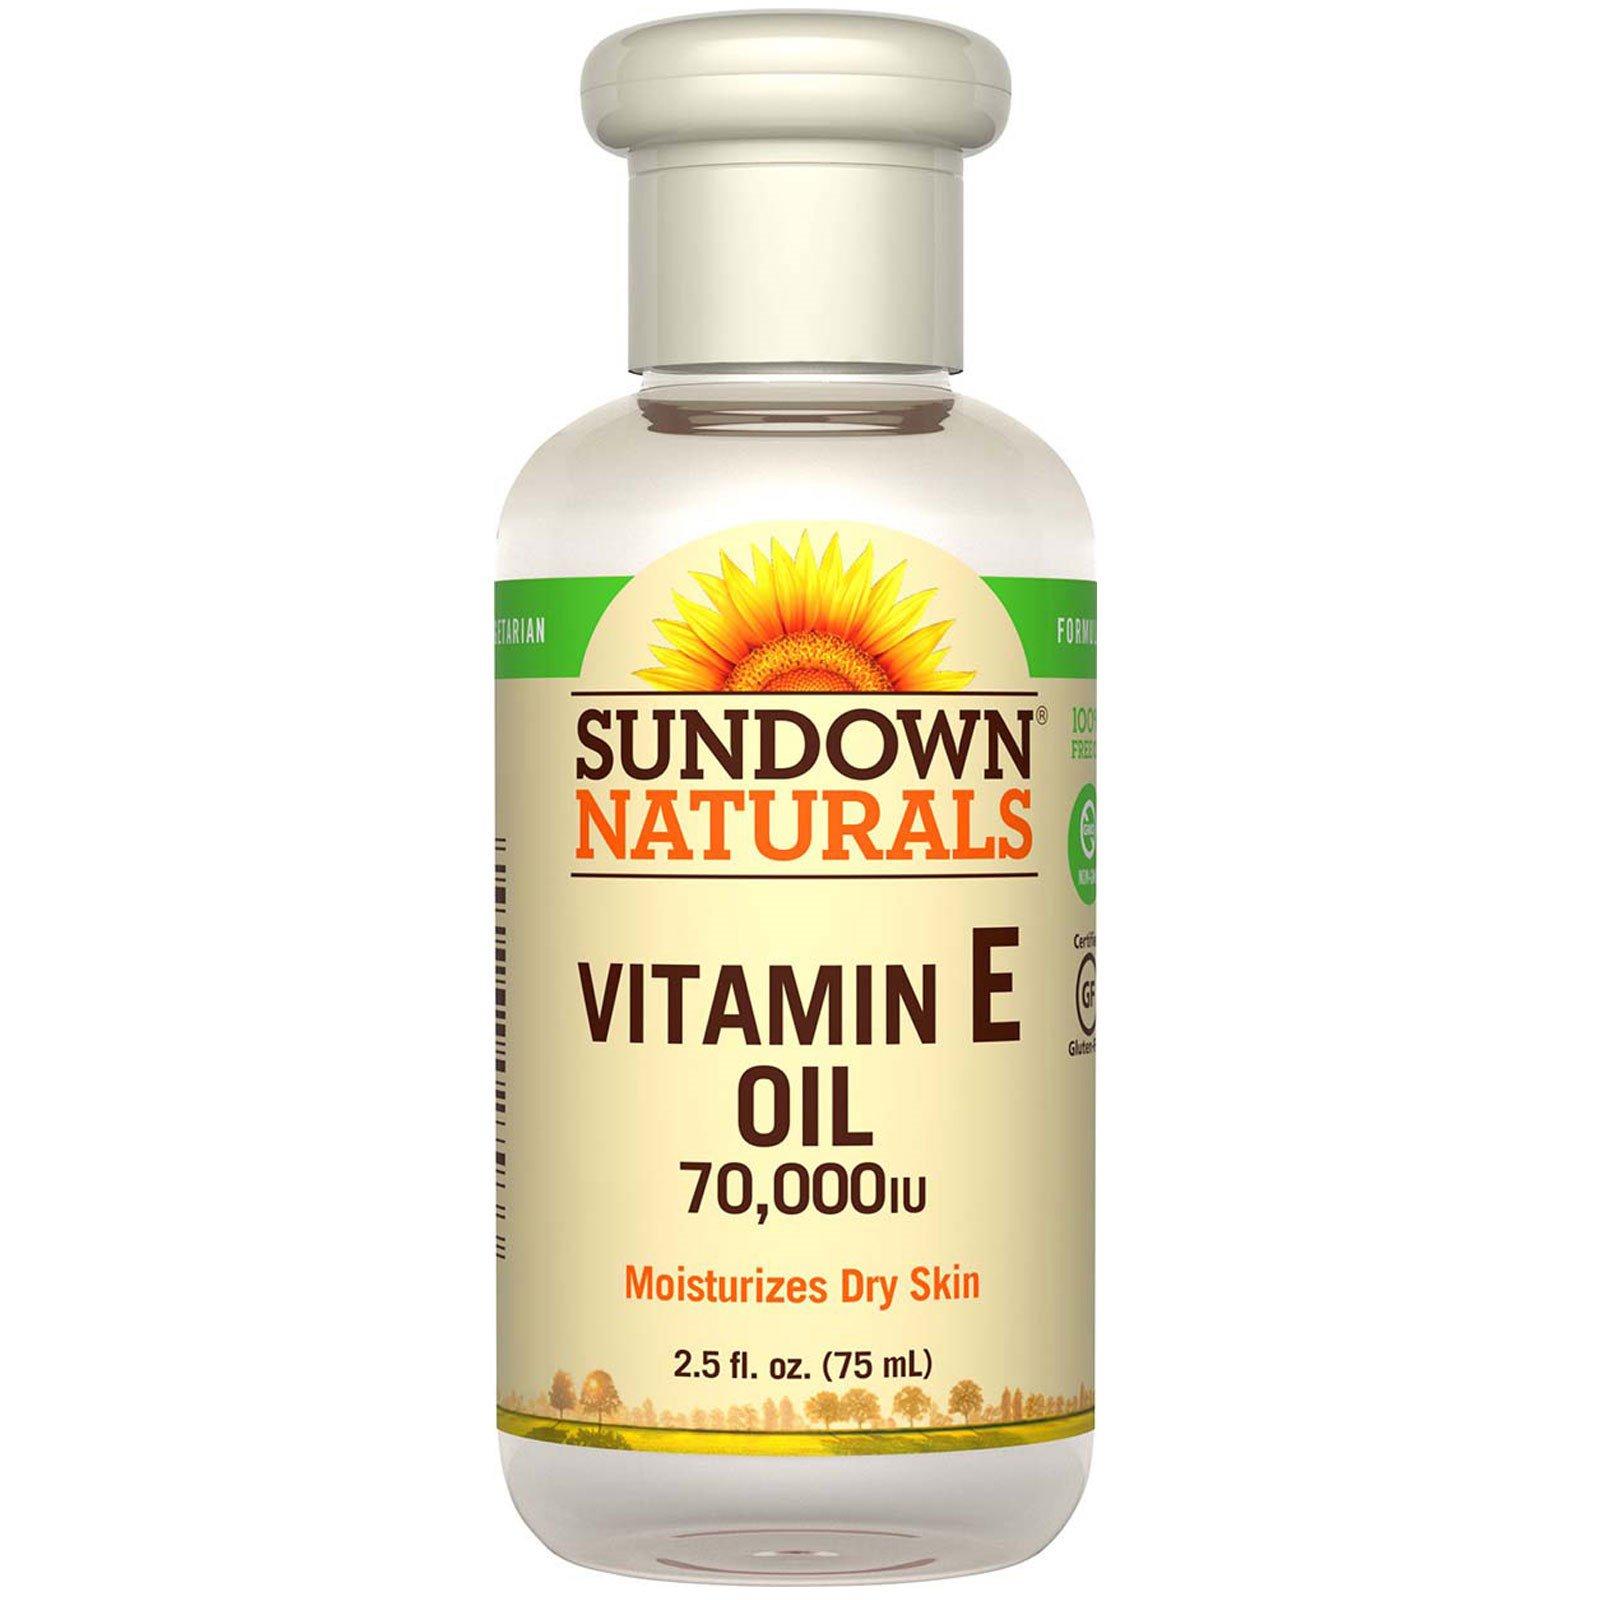 صور فيتامين e , تعرف علي فوائد فيتامين E